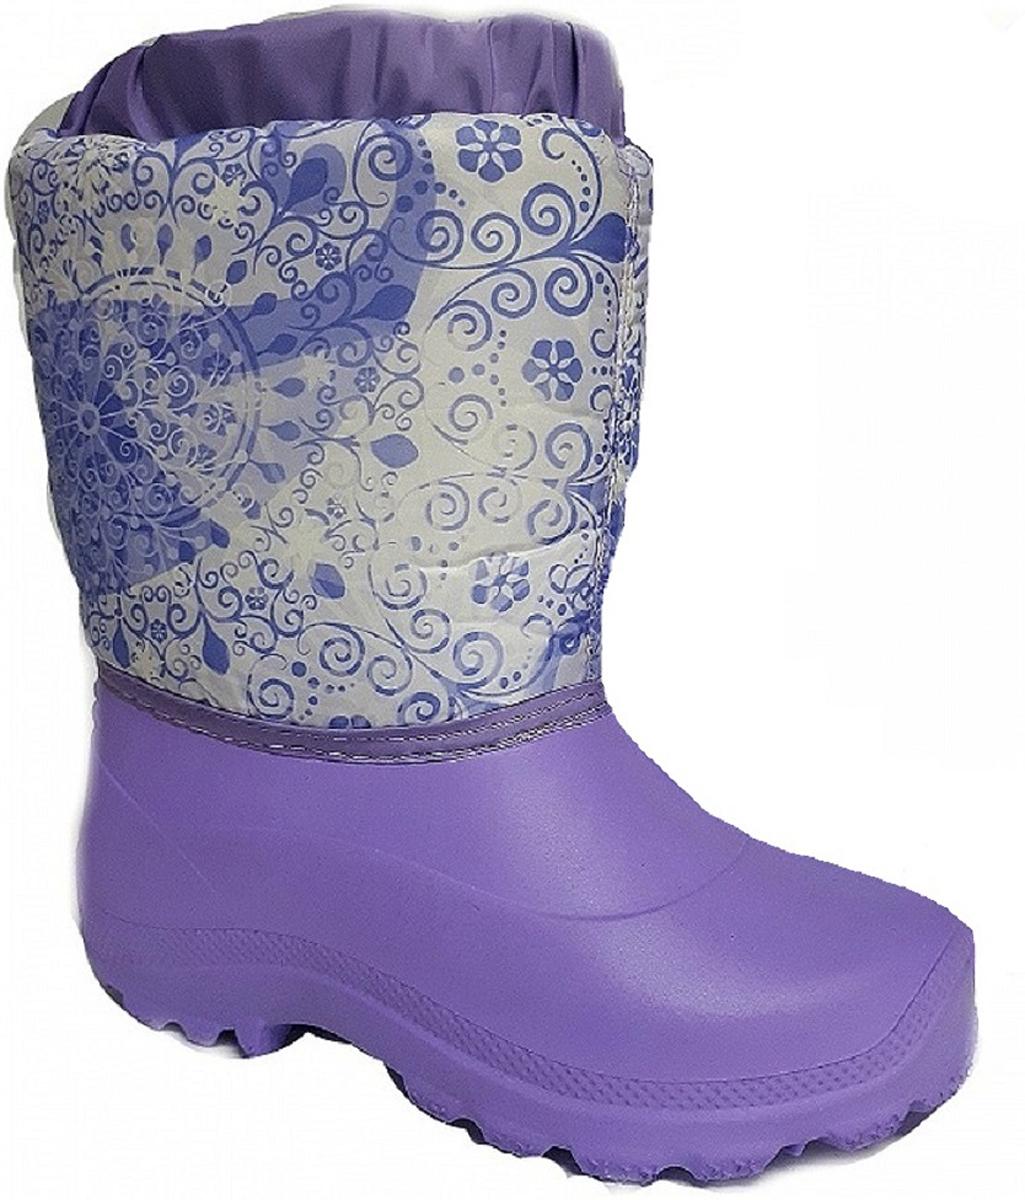 Норды детские Дарина Варенька, цвет: сиреневый. Размер 35-36Д604/35-36сиреньНорды детские Варенька очень легкие и теплые.Низ норда выполнен из морозостойкого материала ЭВА, и анти-скользящей подошвы. Верх норда выполнен из сверхпрочного материал Step и многослойной водоотталкивающей ткани - Drive, что позволяет сохранить ноги вашего ребенка в тепле и сухости.Температурный режим: до -20С.Свойства ткани Дюспо – это прочная ткань из синтетических волокон (нейлона или полиэстера) определенной структуры с нанесенным полиуретановым покрытием (PU или PVC). Это покрытие обеспечивает водонепроницаемость ткани оксфорд и препятствует накоплению грязи между волокнами. Рулонный пенополиуретан (ППУ) широко используется в обувной промышленности.Не съёмный.Кол-во слоев: 3.Вид ткани: ворсин + стелька ЭВА.Состав ткани: однослойное ворсованное полотно из полиэстера. Поверхностная плотность 400 г/м2. Используется как альтернатива искусственному меху.